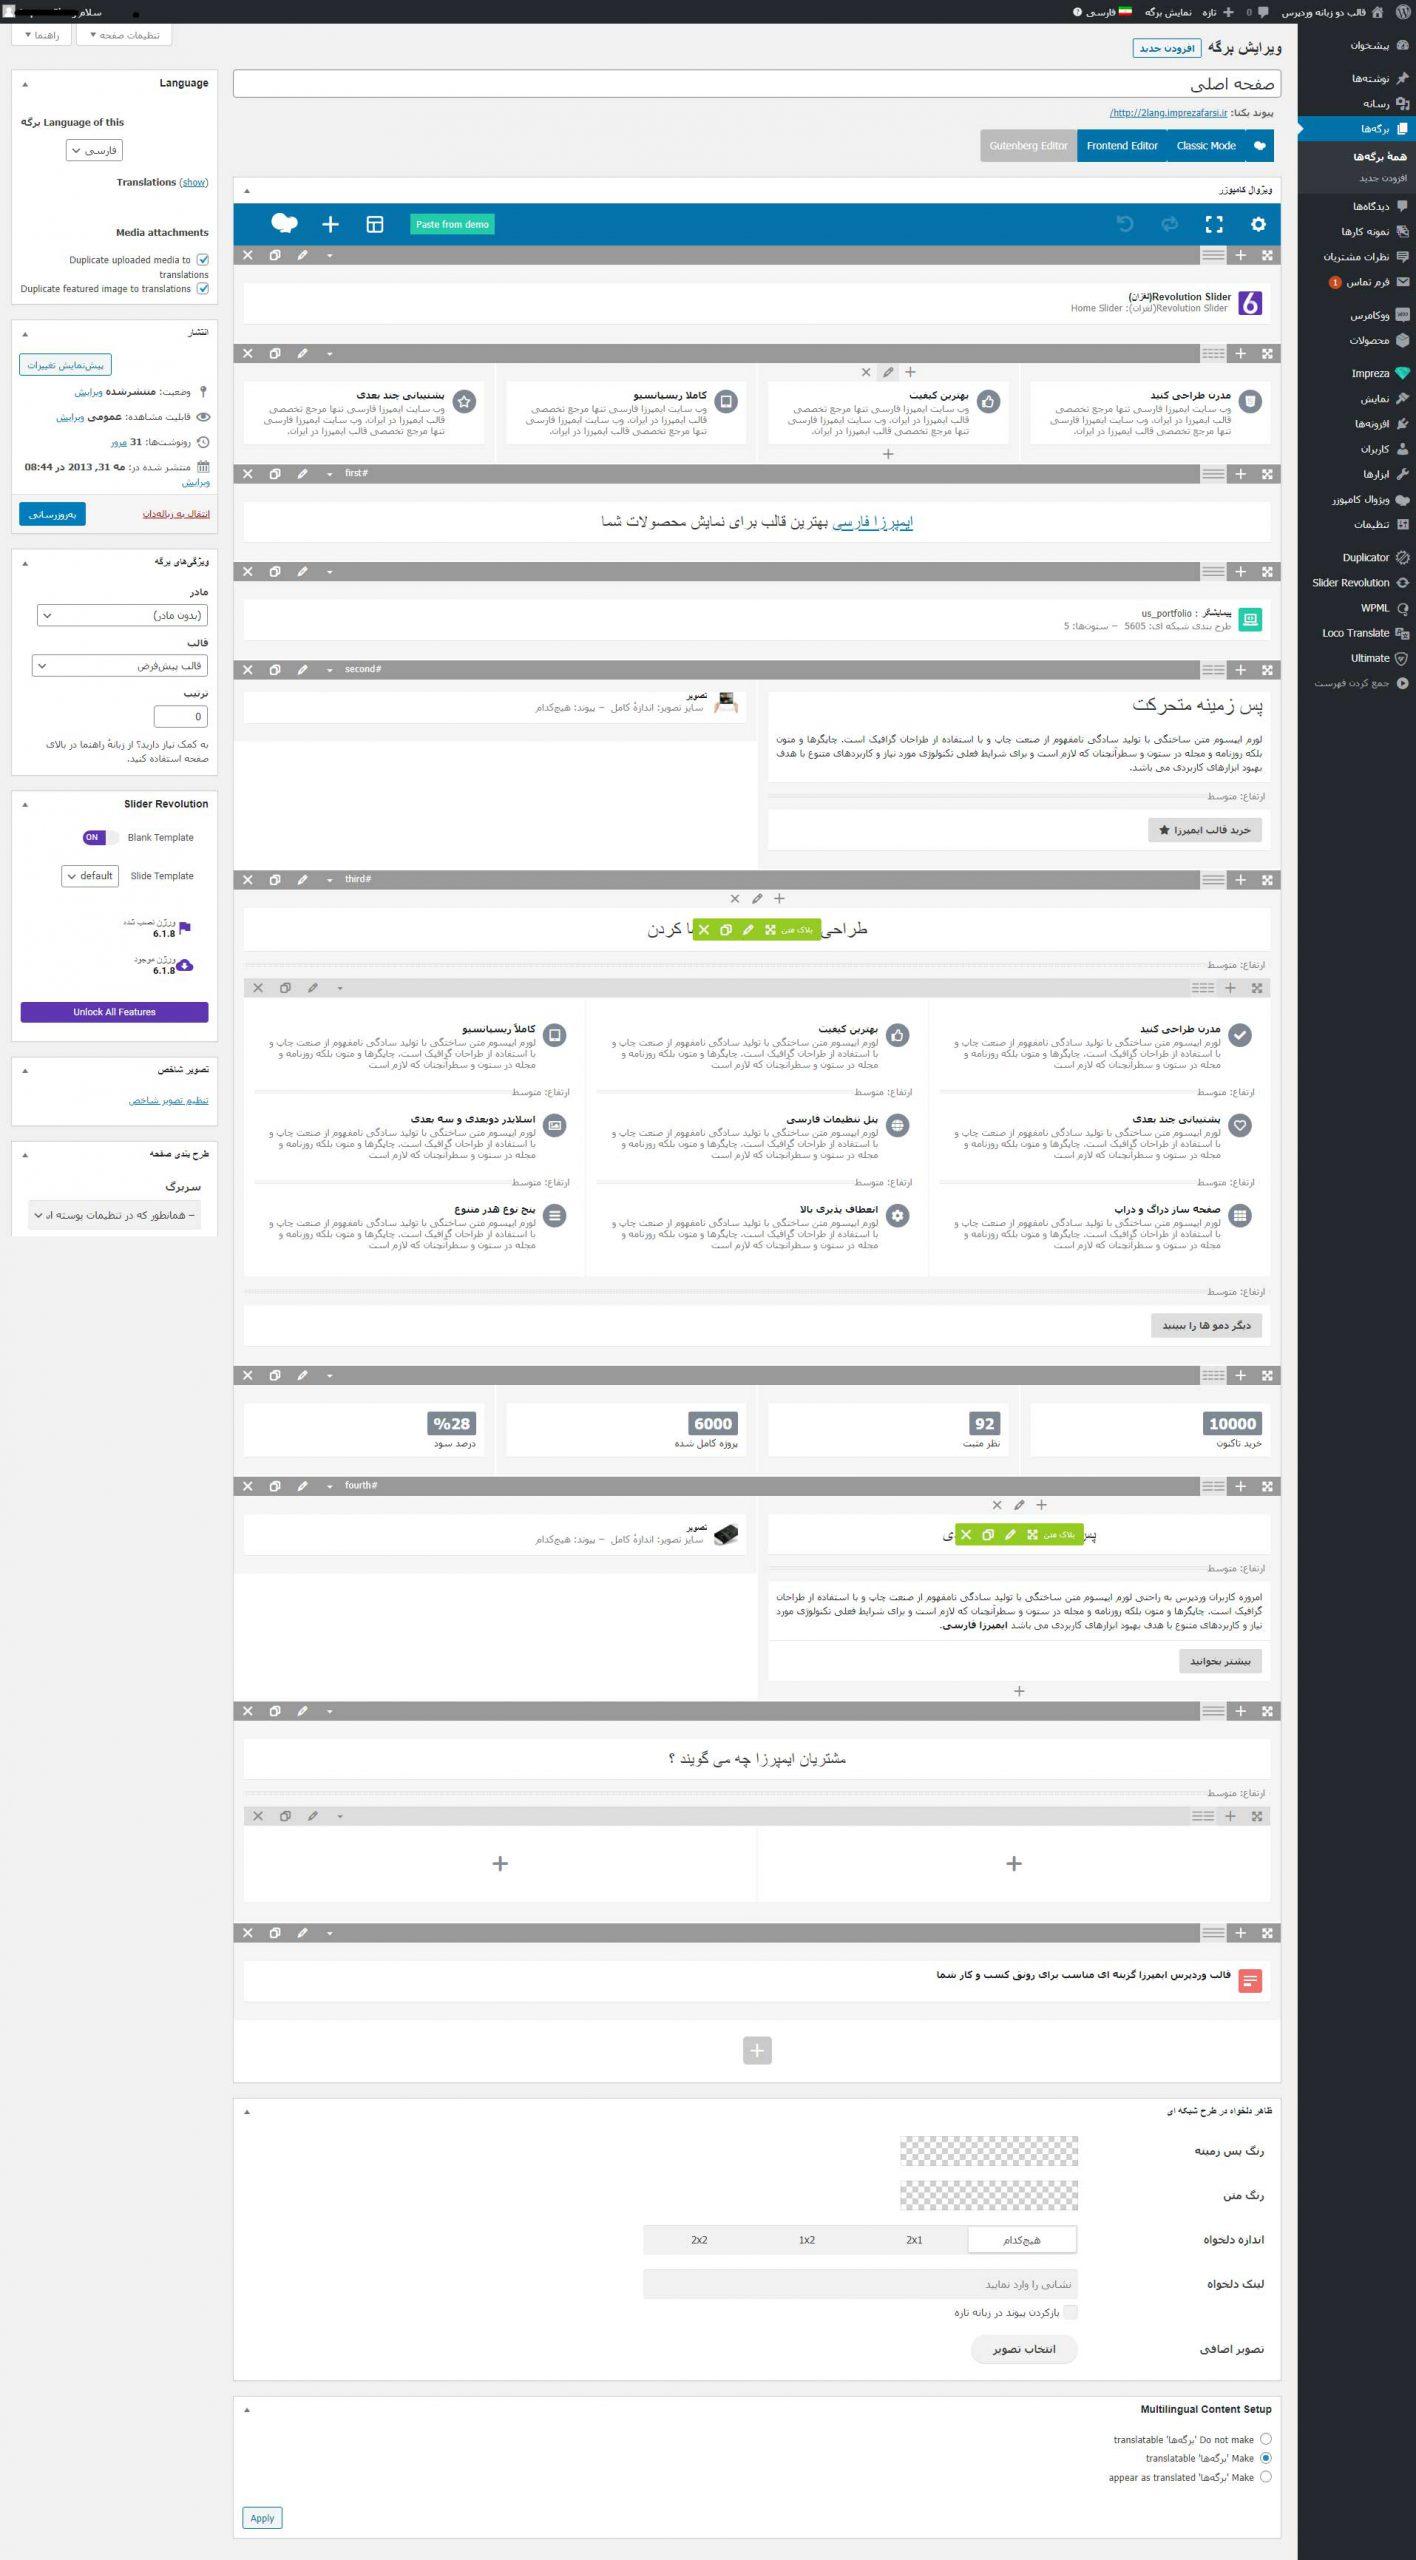 ویرایشگر گرافیکی فعال در قسمت های مختلف سایت